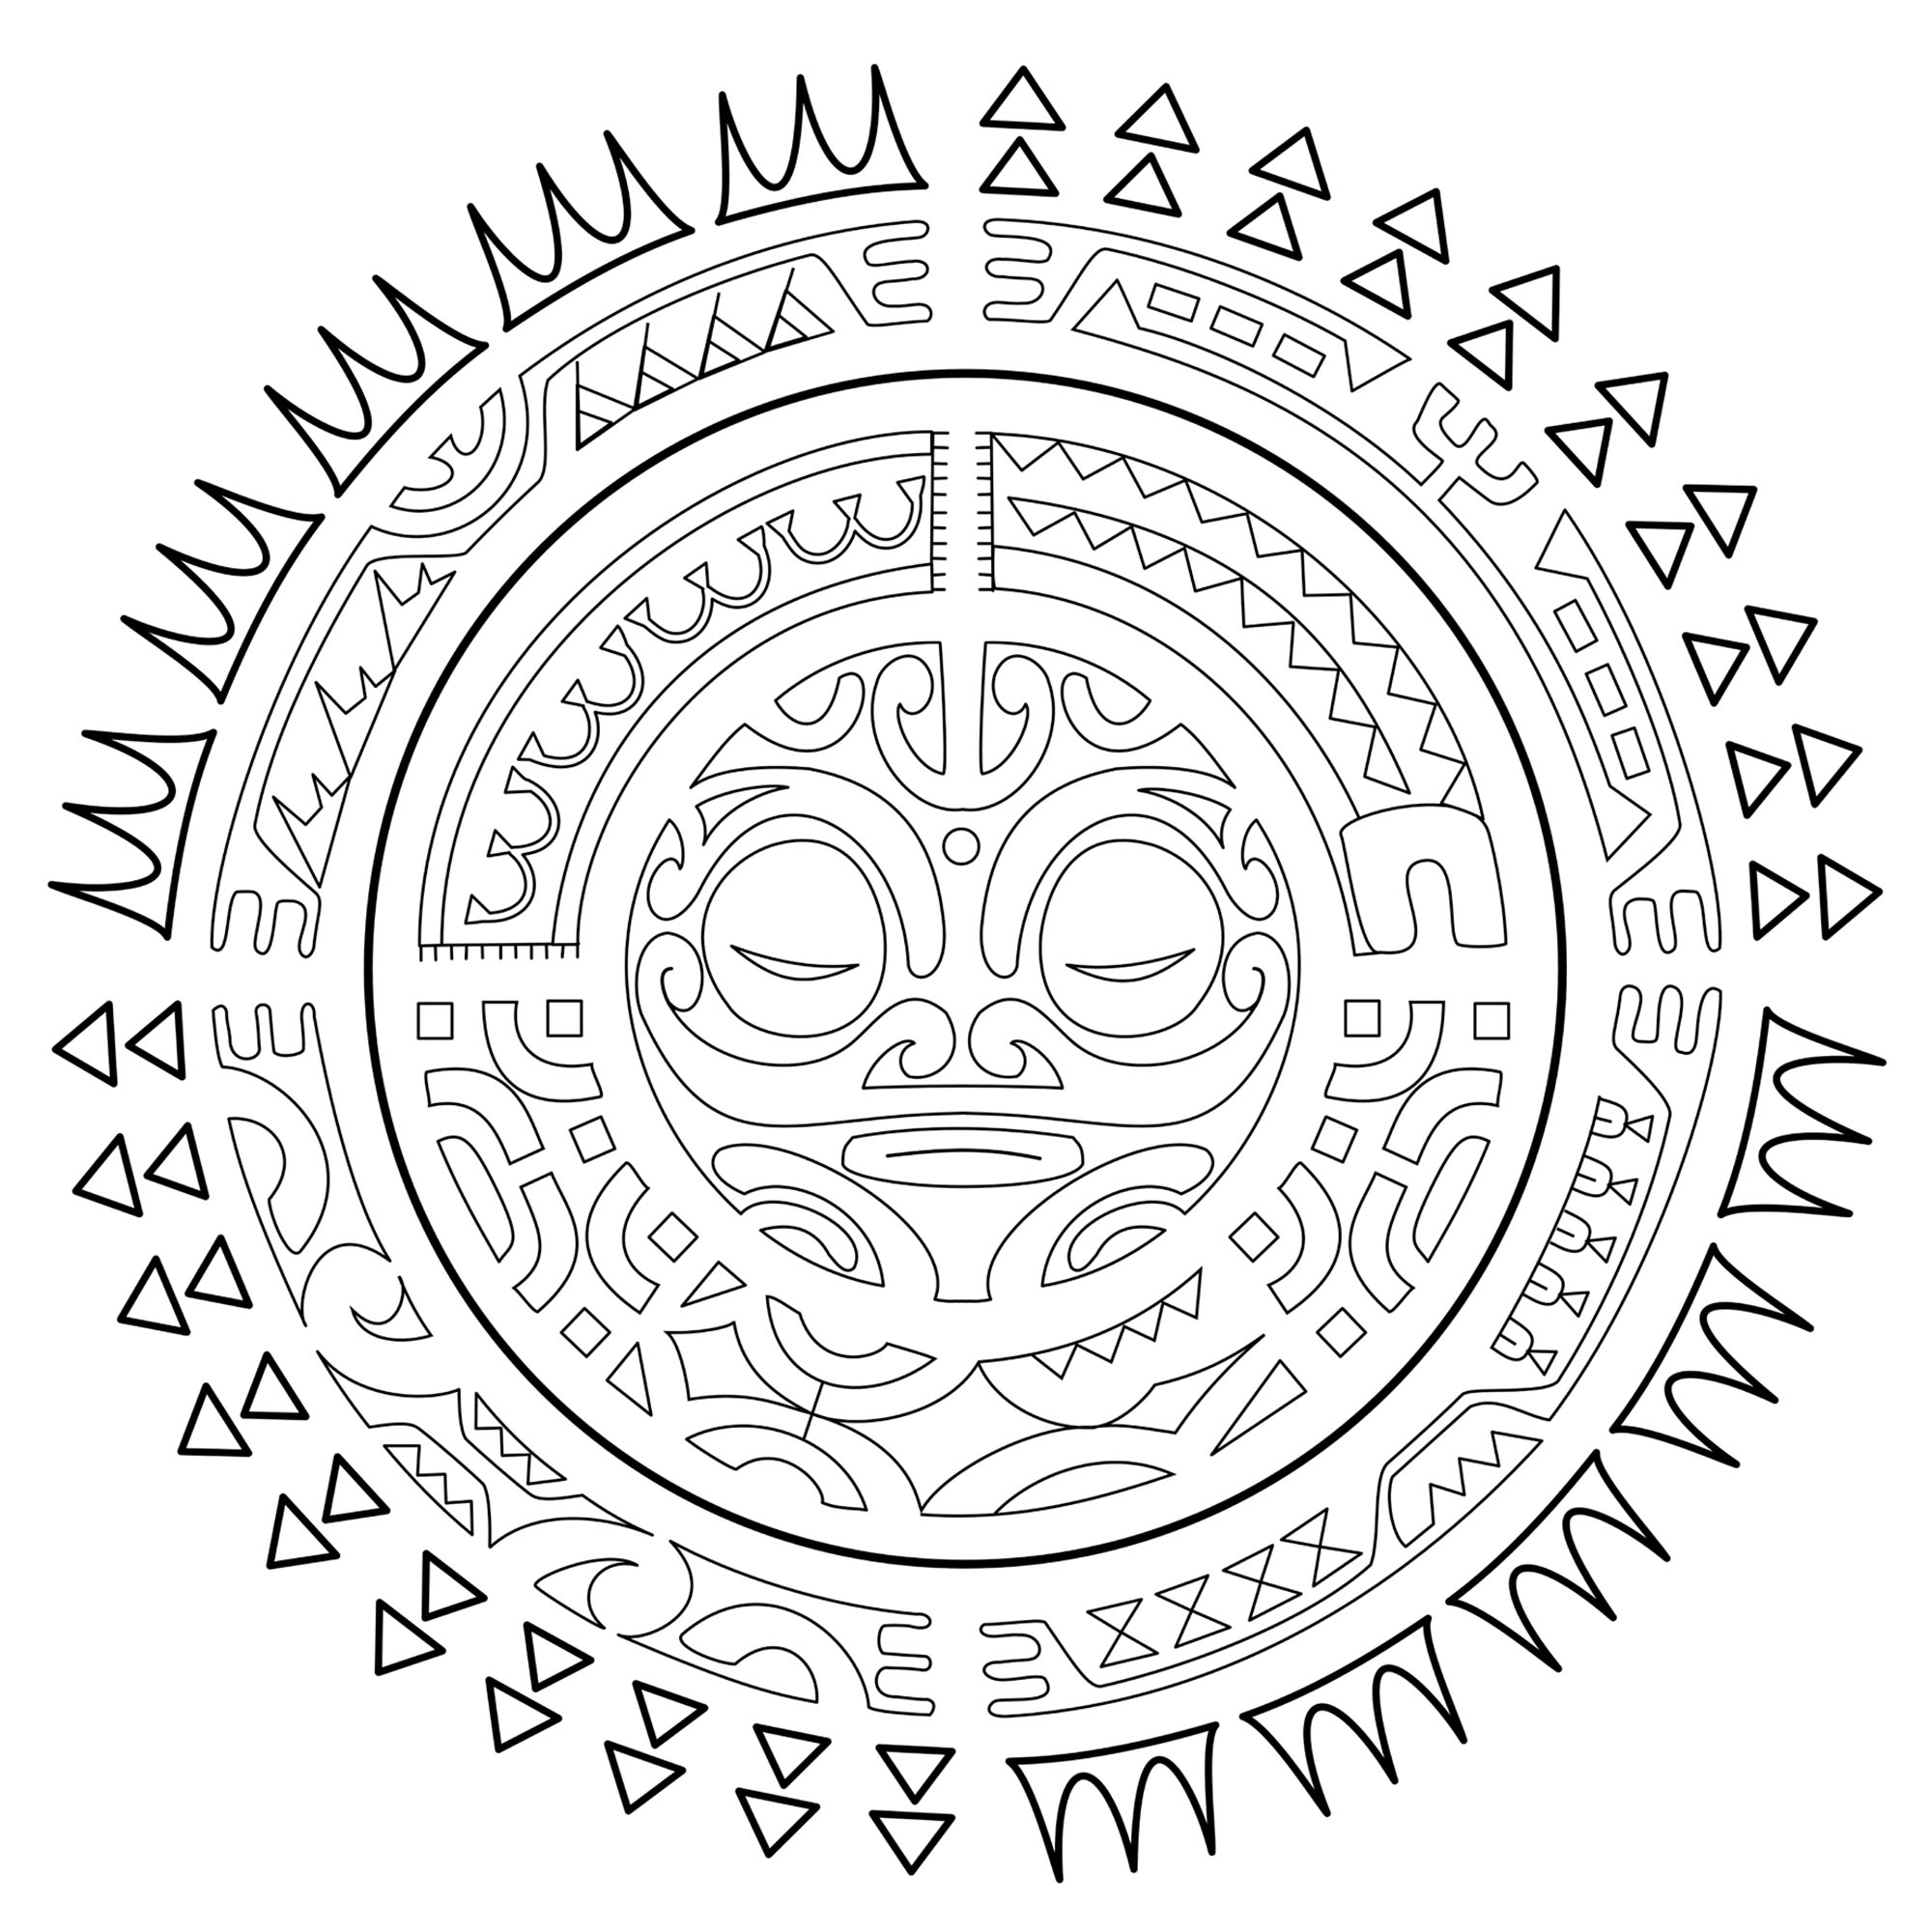 Tatouage Polynesien Le Soleil Inspiration Idees De Tatouages